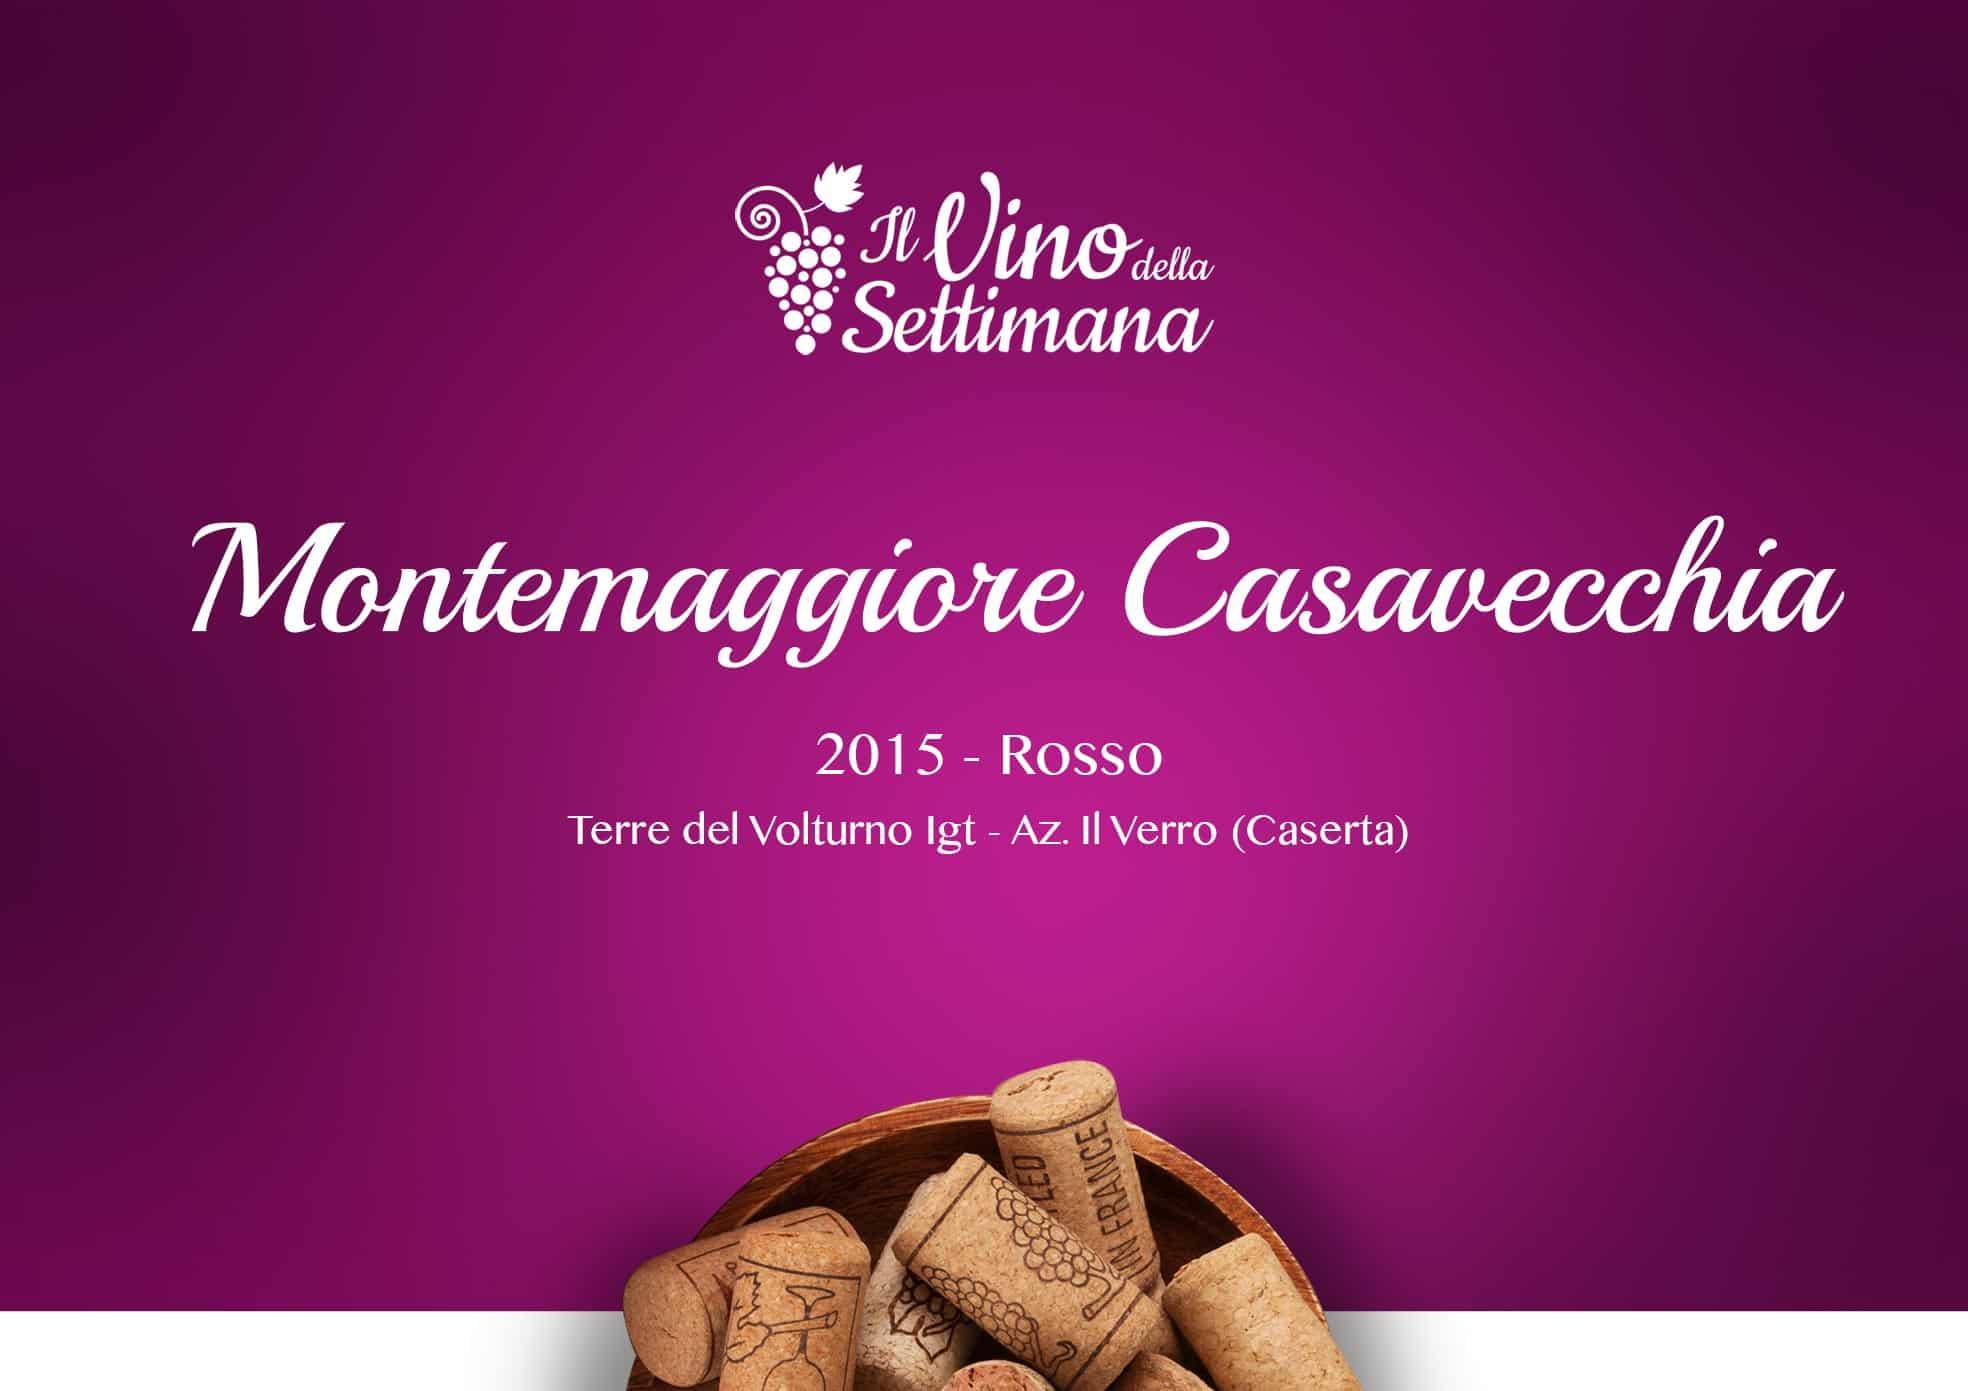 Montemaggiore Casavecchia - 2015